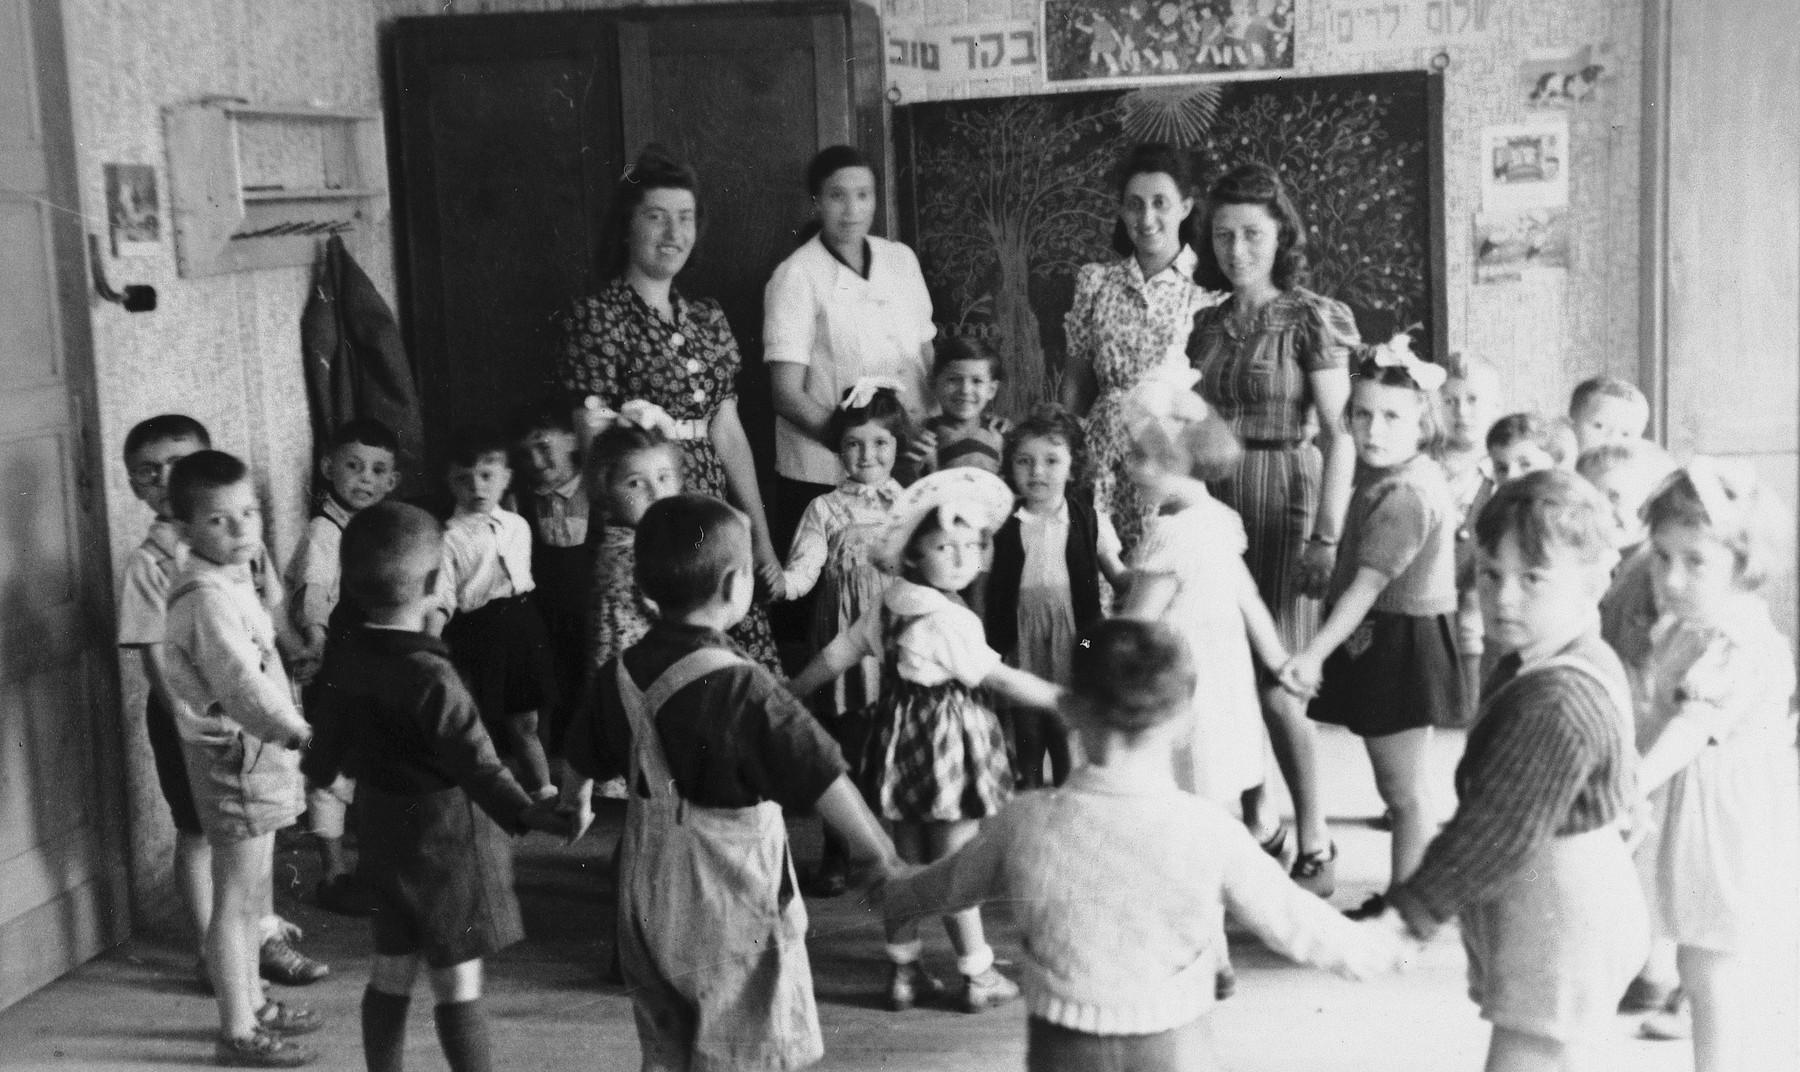 Preschool children dance in a circle in a classroom in the Wels DP camp.